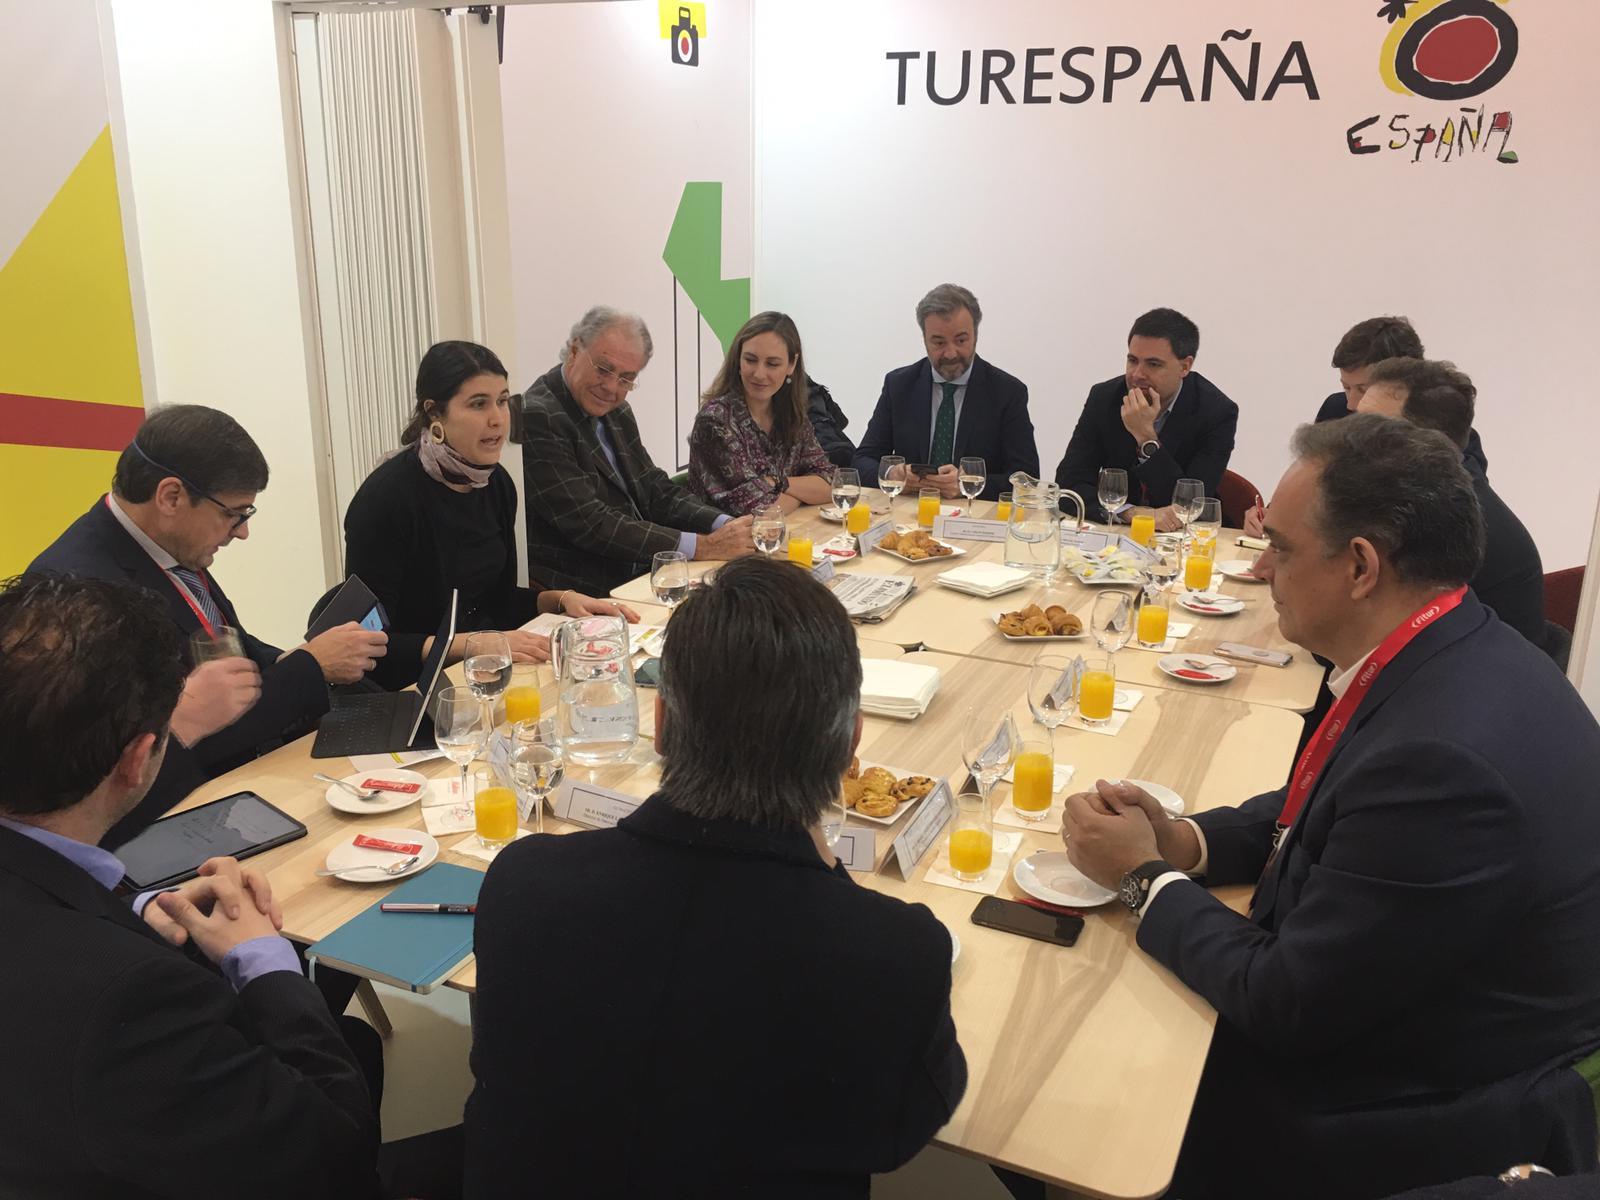 La colaboración público-privada es fundamental para mantener la posición de liderazgo de España como destino turístico.